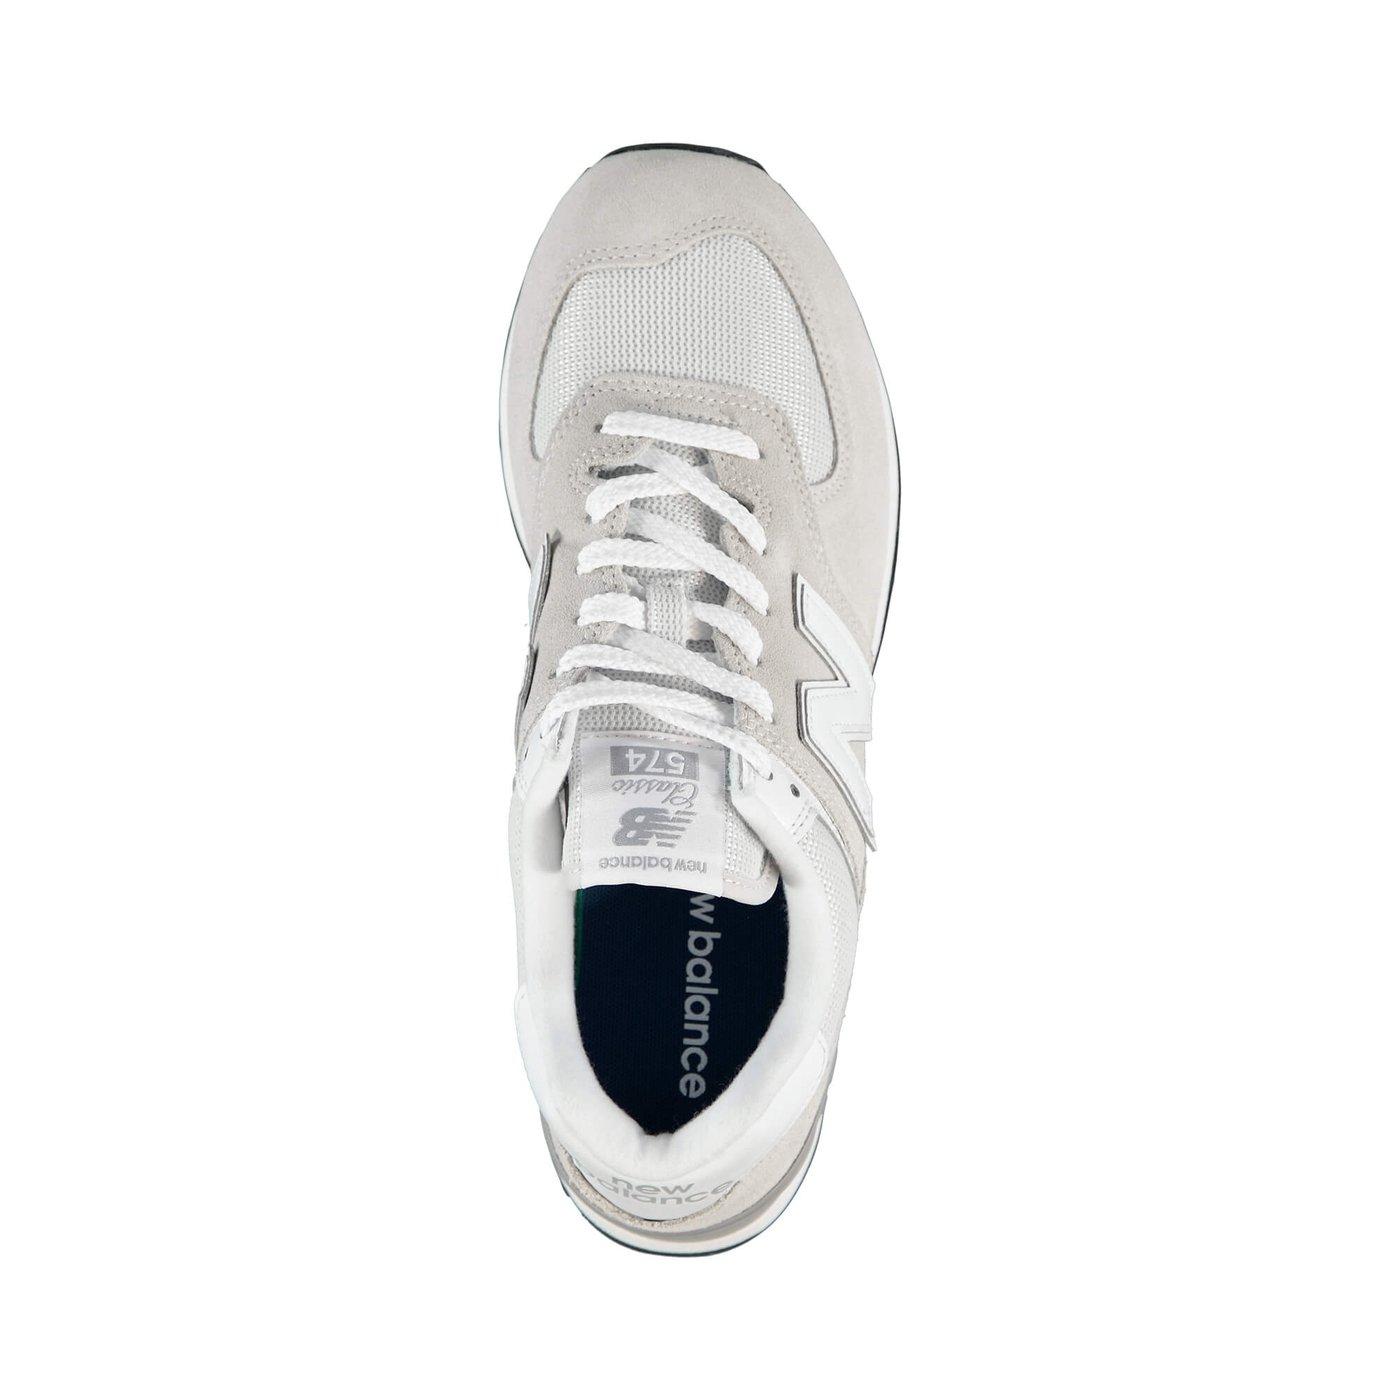 New Balance 575 Evergreen Erkek Gri Sneaker